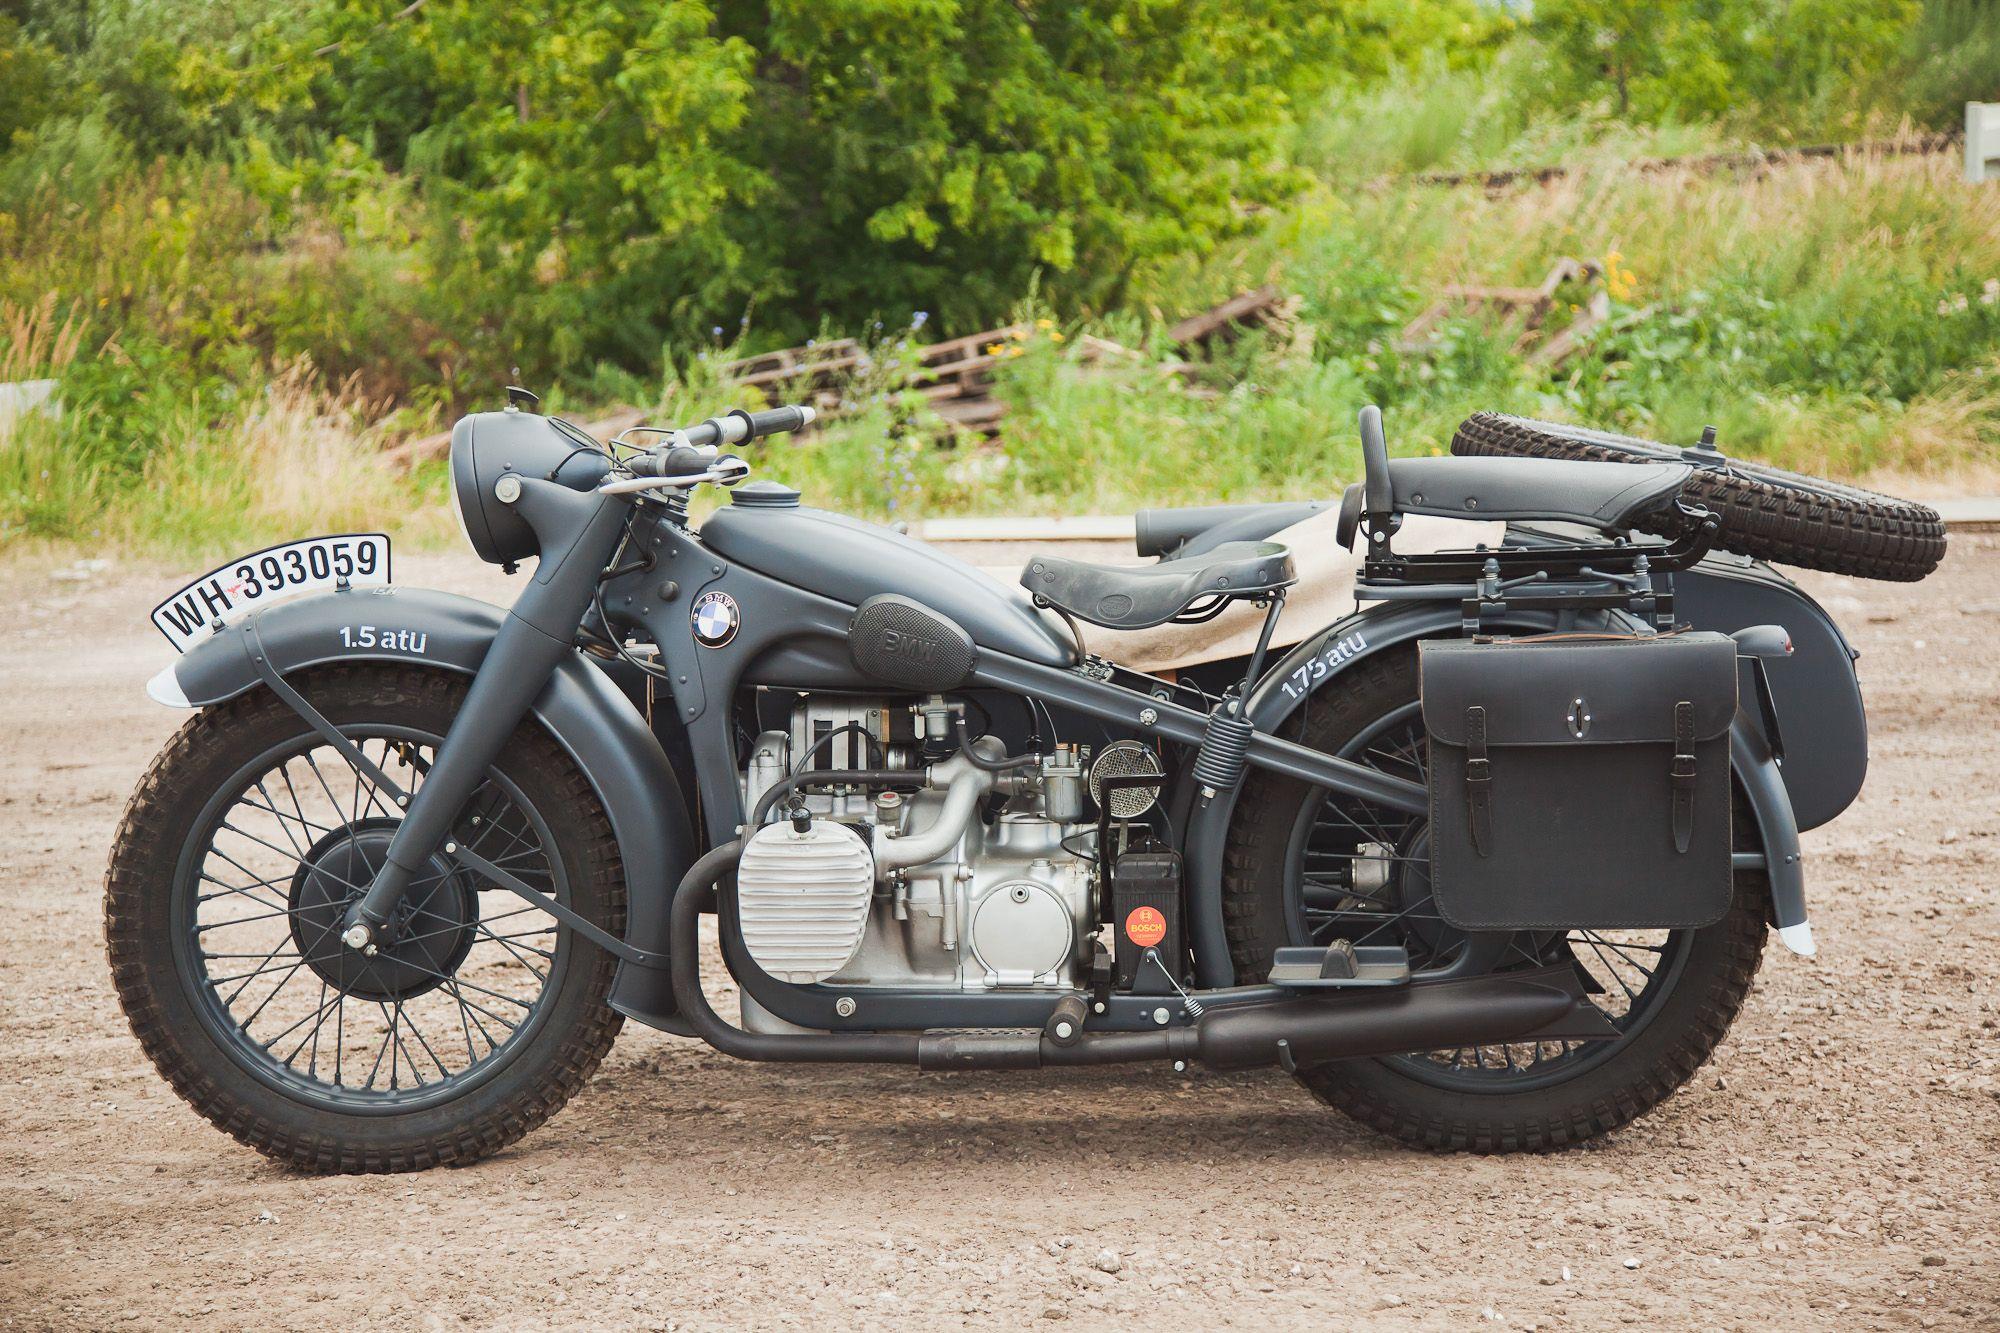 картинки тяжелых мотоциклов его приготовления понадобится